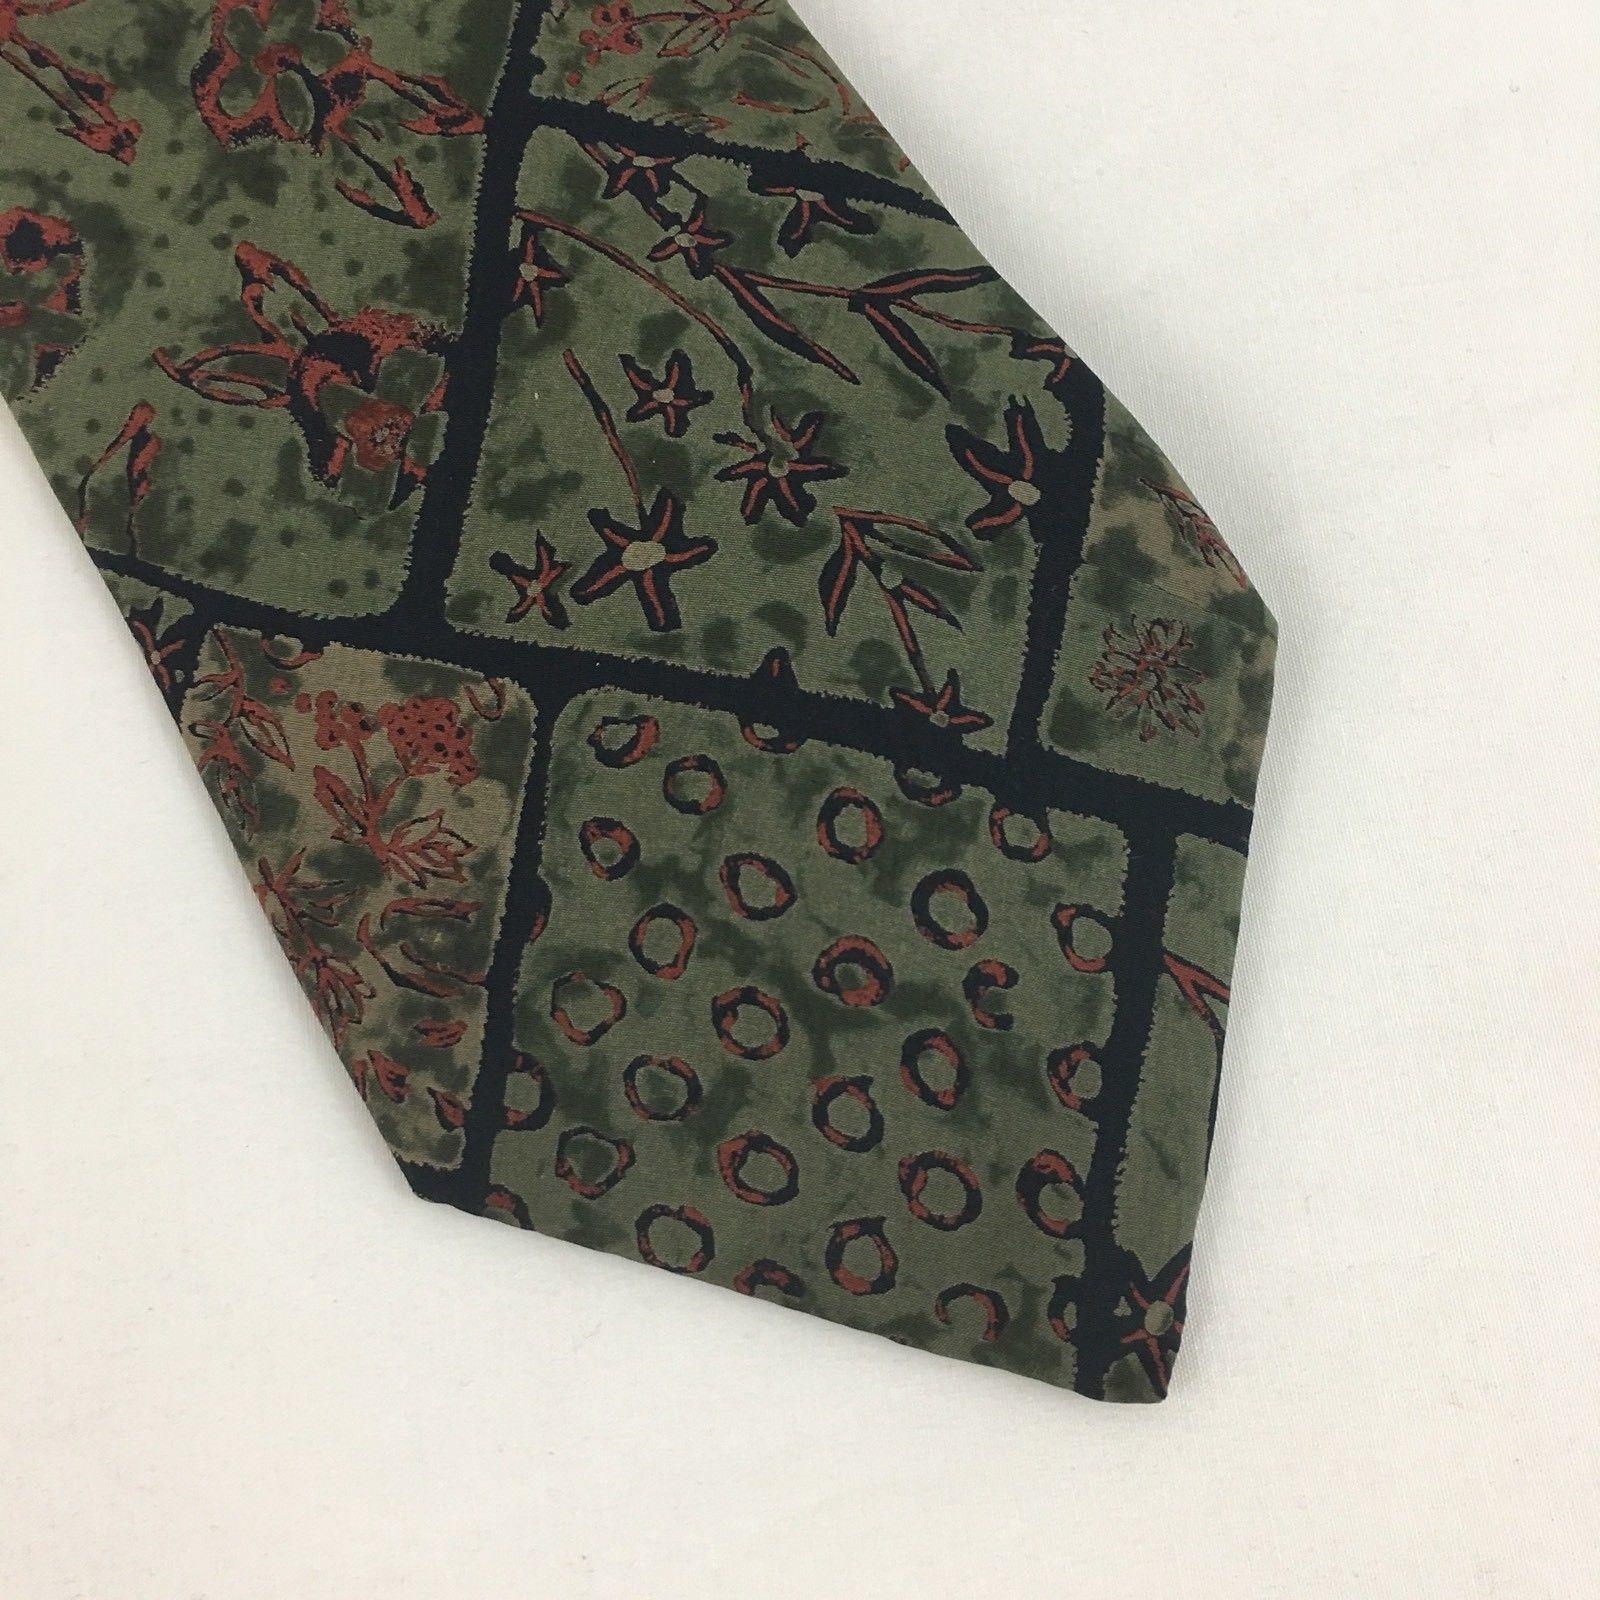 Geoffrey Beene Silk Tie Green Brown Floral 4 Inch Wide image 2